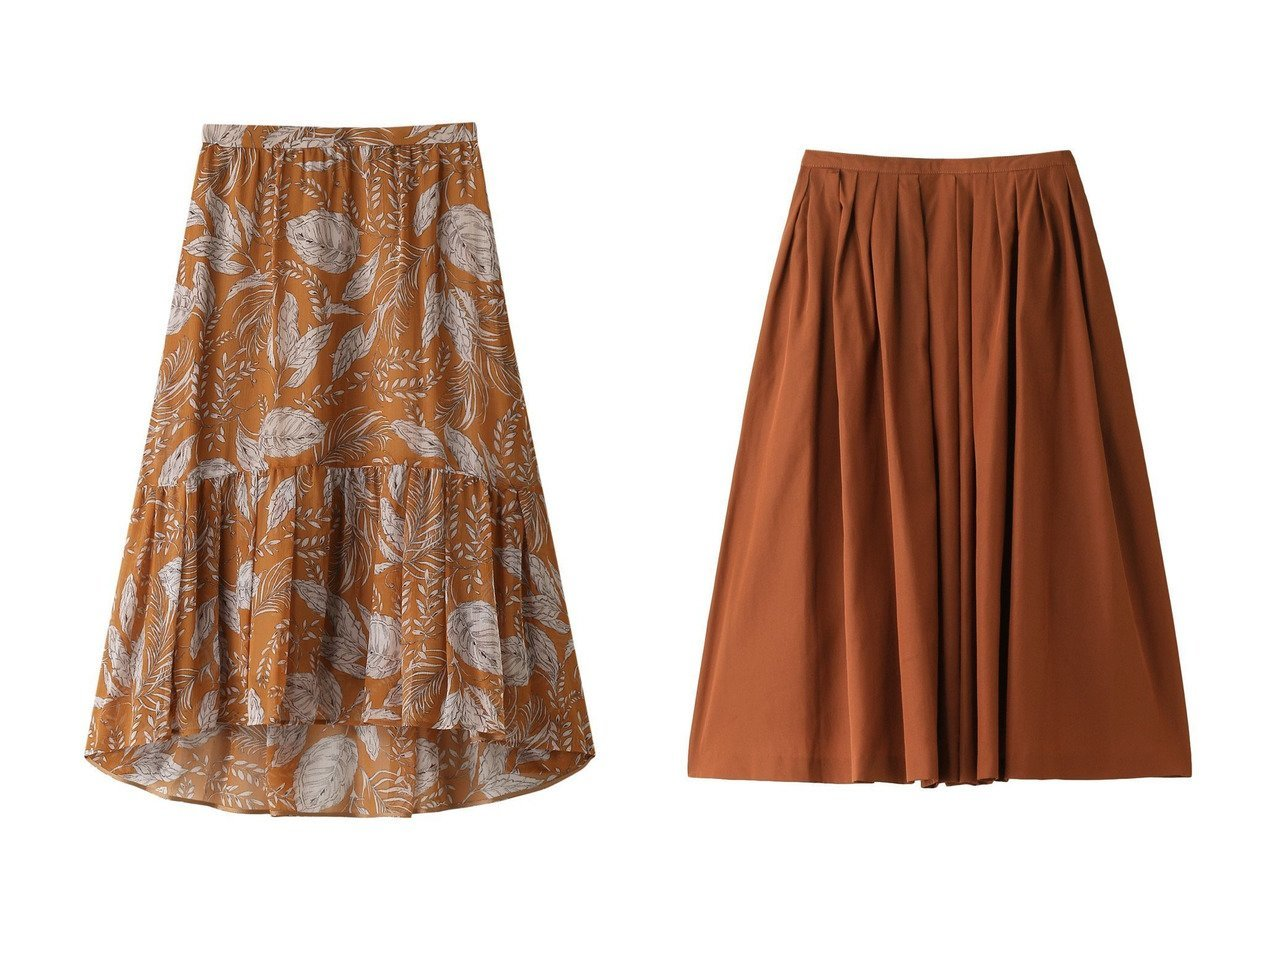 【ANAYI/アナイ】のクレープリーフPTティアード スカート&【martinique/マルティニーク】のタックスカート スカートのおすすめ!人気、トレンド・レディースファッションの通販 おすすめで人気の流行・トレンド、ファッションの通販商品 メンズファッション・キッズファッション・インテリア・家具・レディースファッション・服の通販 founy(ファニー) https://founy.com/ ファッション Fashion レディースファッション WOMEN スカート Skirt ティアードスカート Tiered Skirts エレガント ティアード ハイヒール フェミニン ボタニカル リーフ 再入荷 Restock/Back in Stock/Re Arrival |ID:crp329100000012912